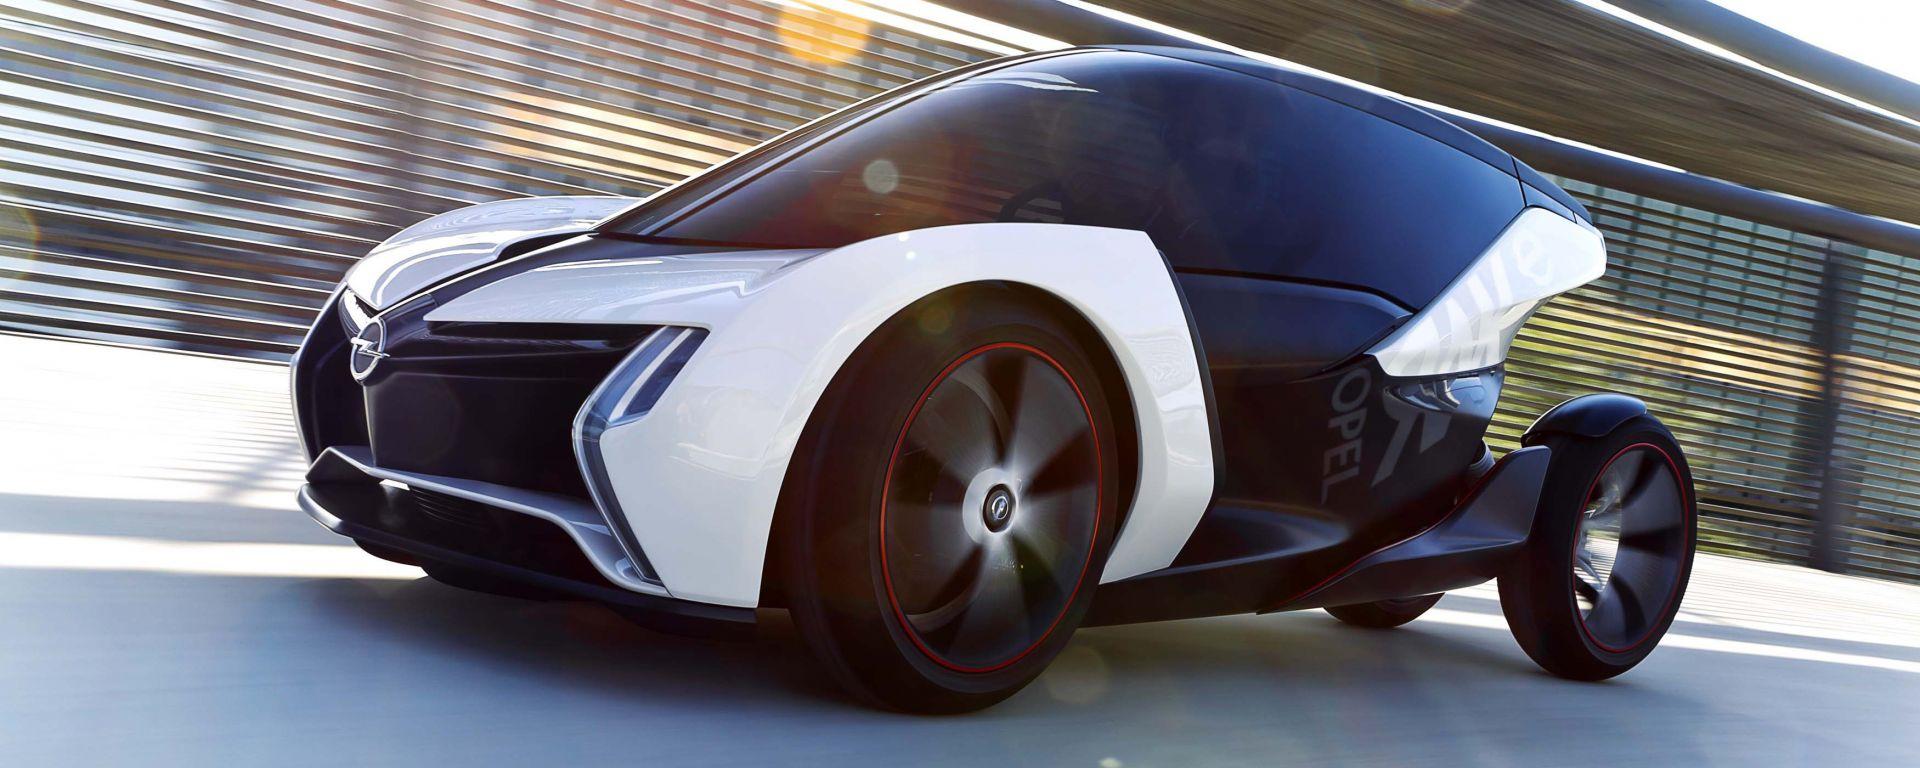 Opel RAK e: le nuove foto in HD